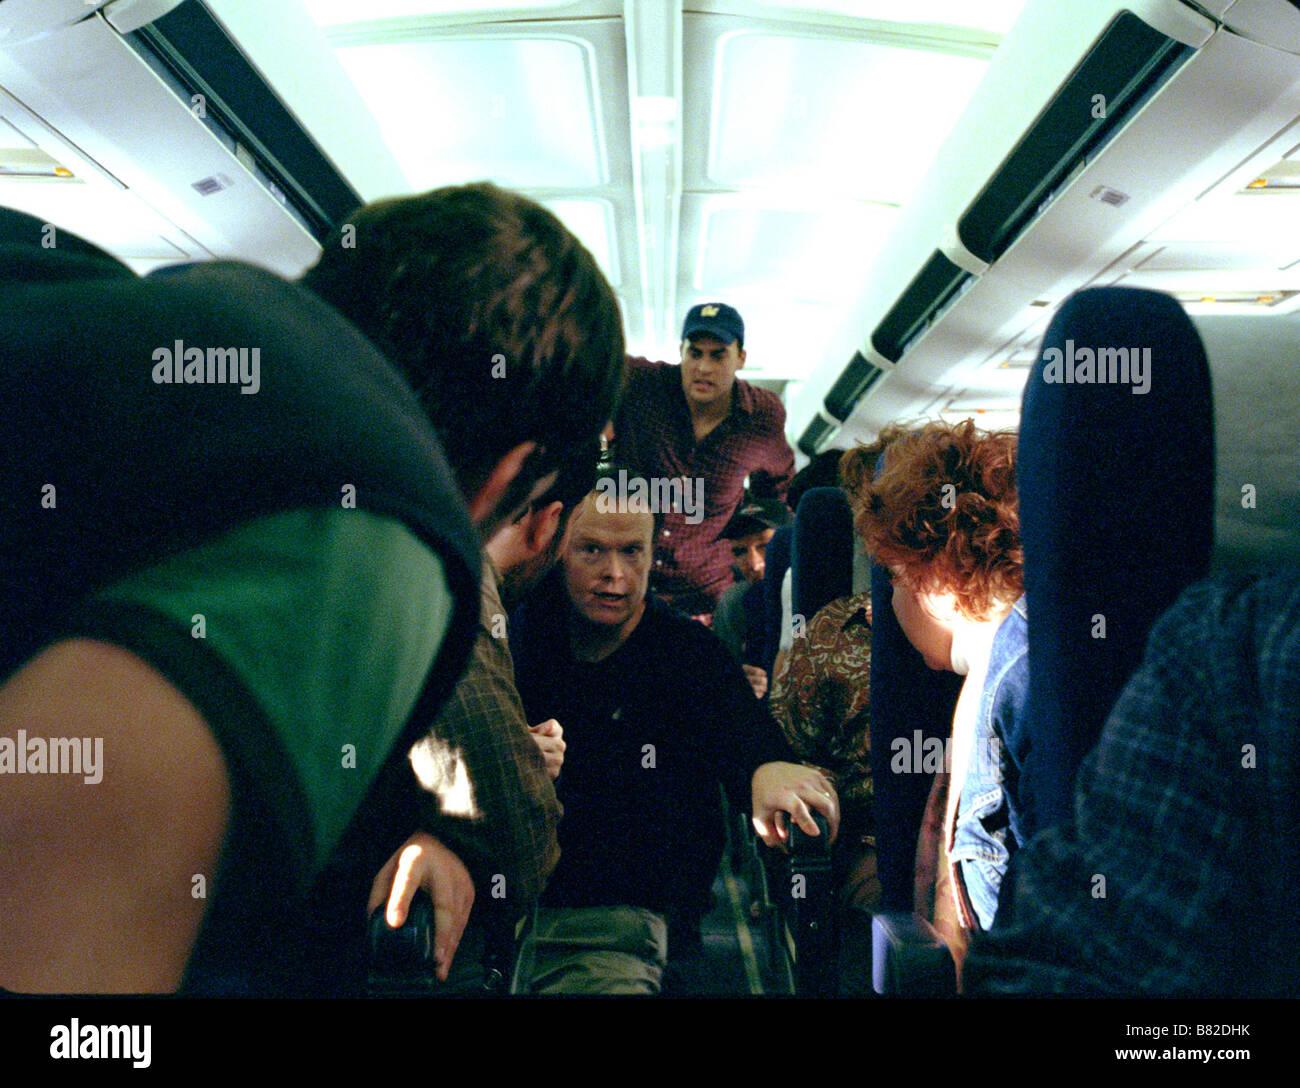 Regno 93 2006 Francia / Regno Unito / STATI UNITI D'AMERICA Cheyenne Jackson Direttore: Paul Greengrass Foto Stock